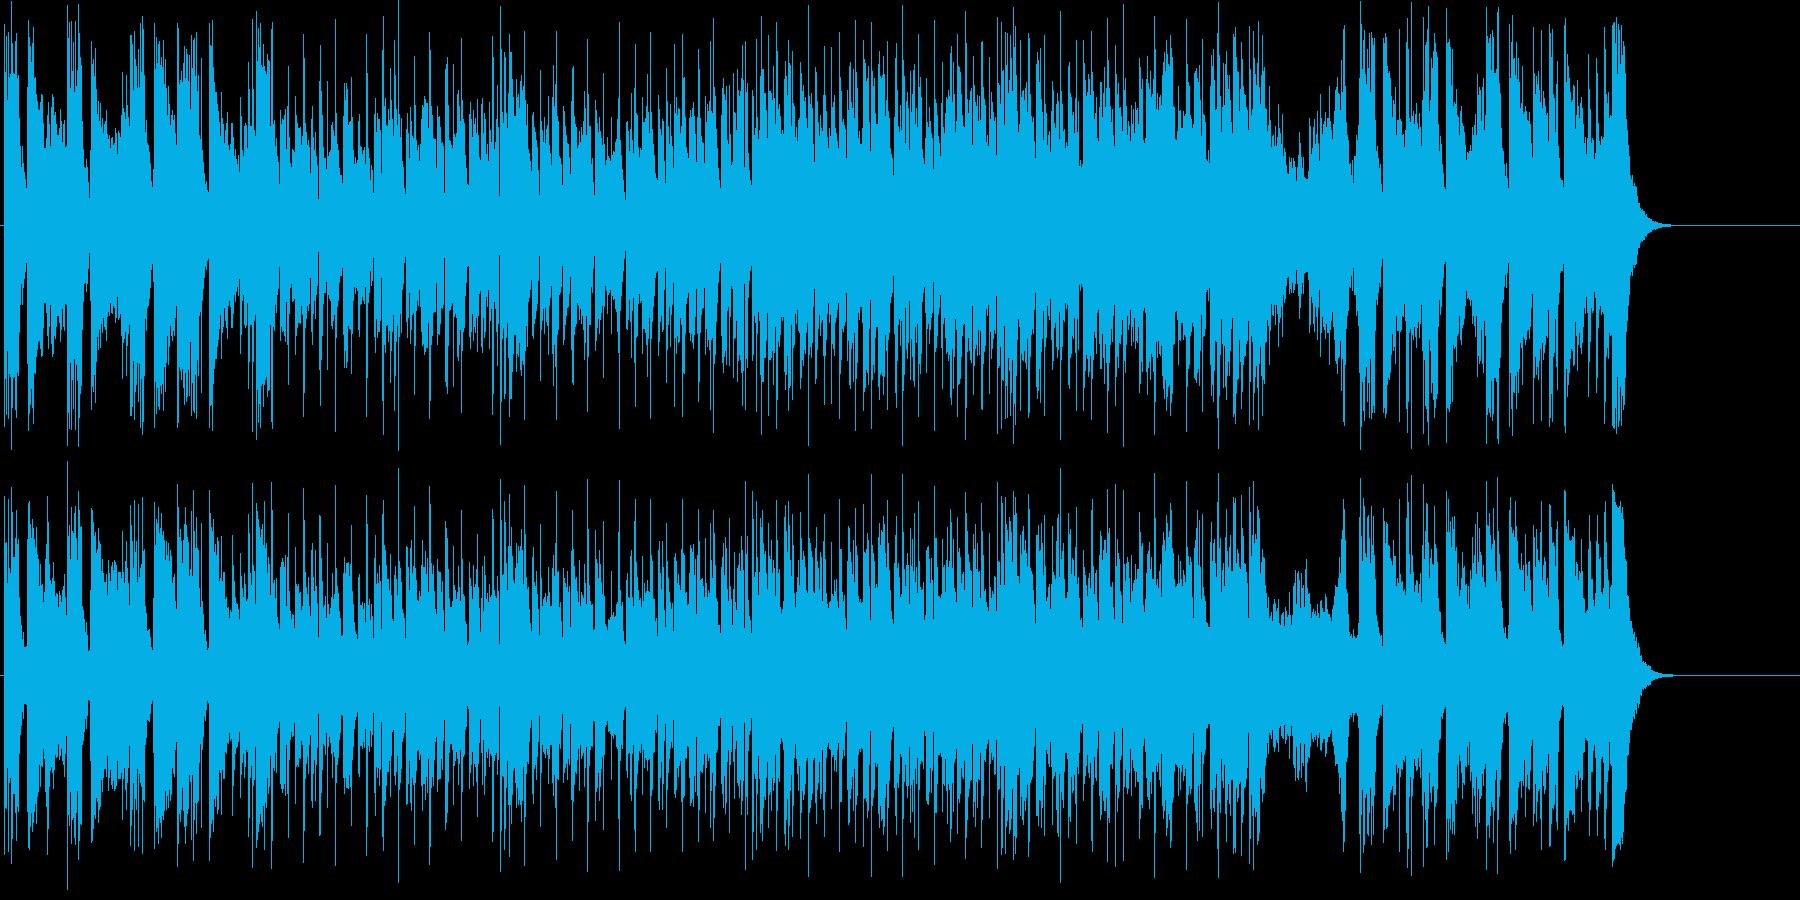 アダルトな趣きのオープニング・テーマ風の再生済みの波形